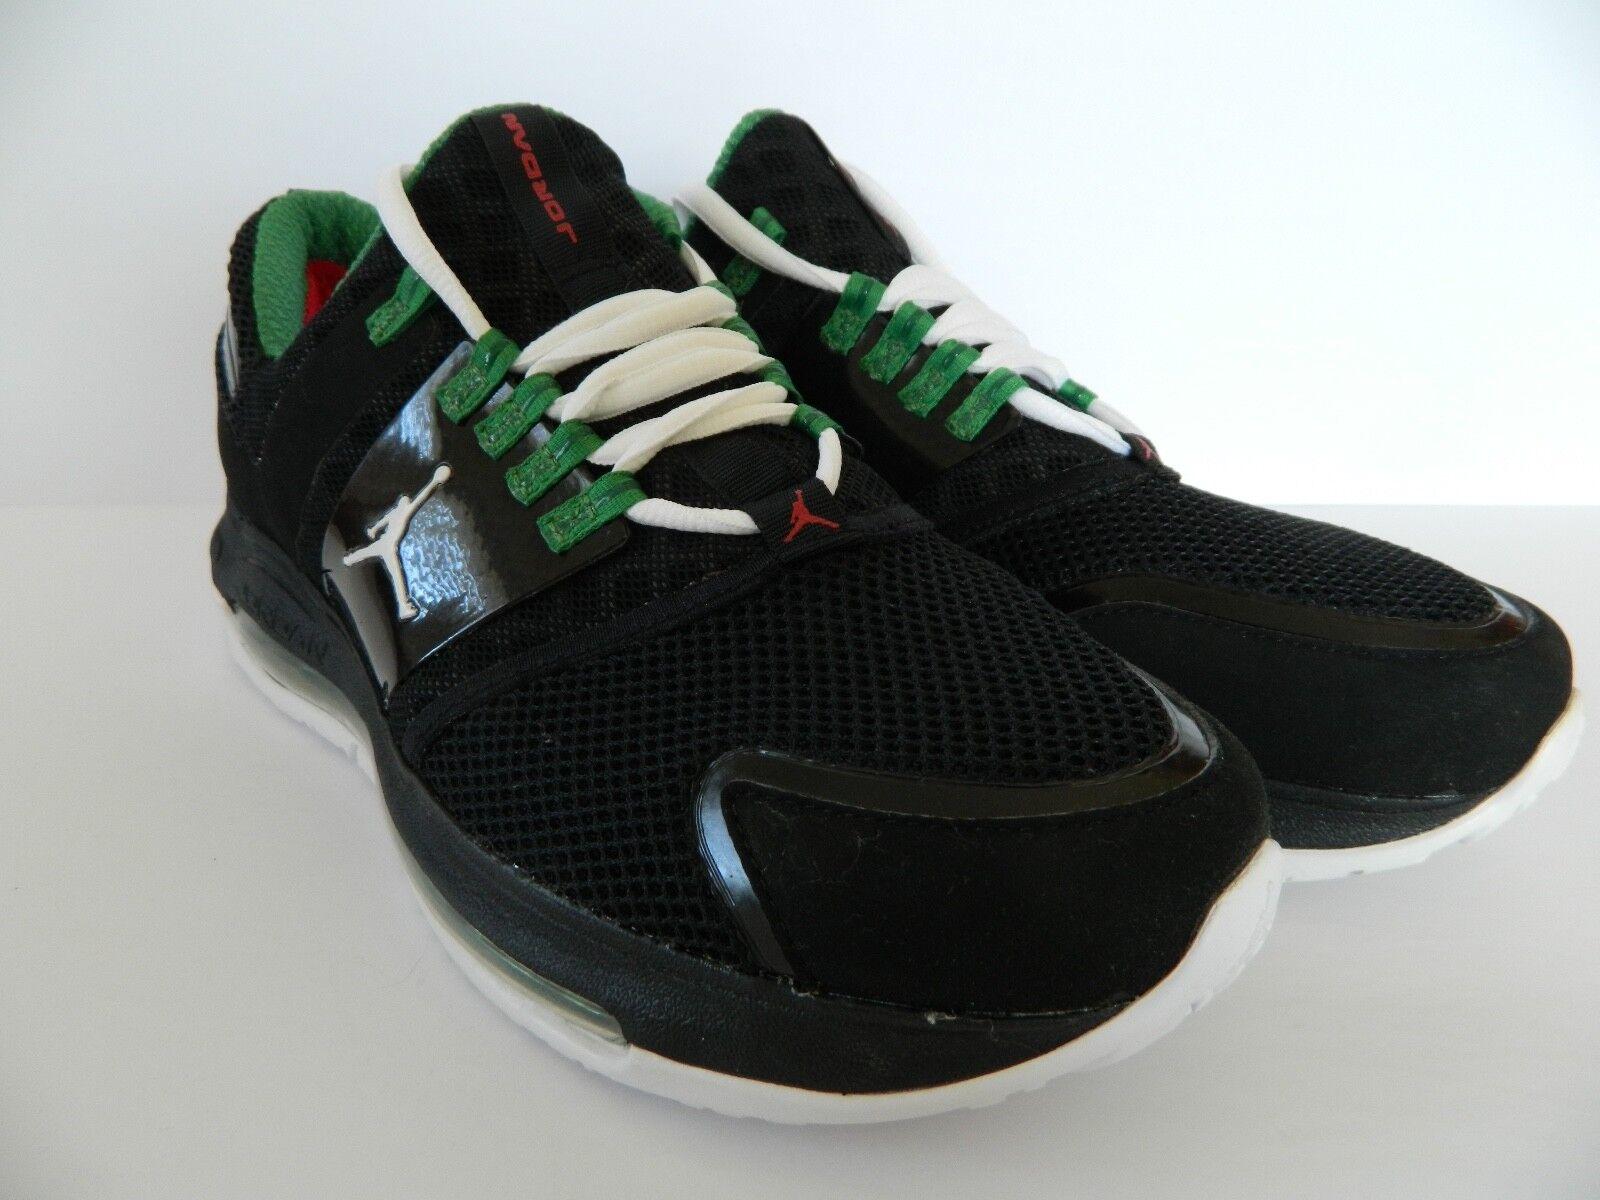 Nike Jordan trunner Alpha trunner Jordan Max Precio reducción reducción de precios NIB el mas popular de zapatos para hombres y mujeres 3ae94a